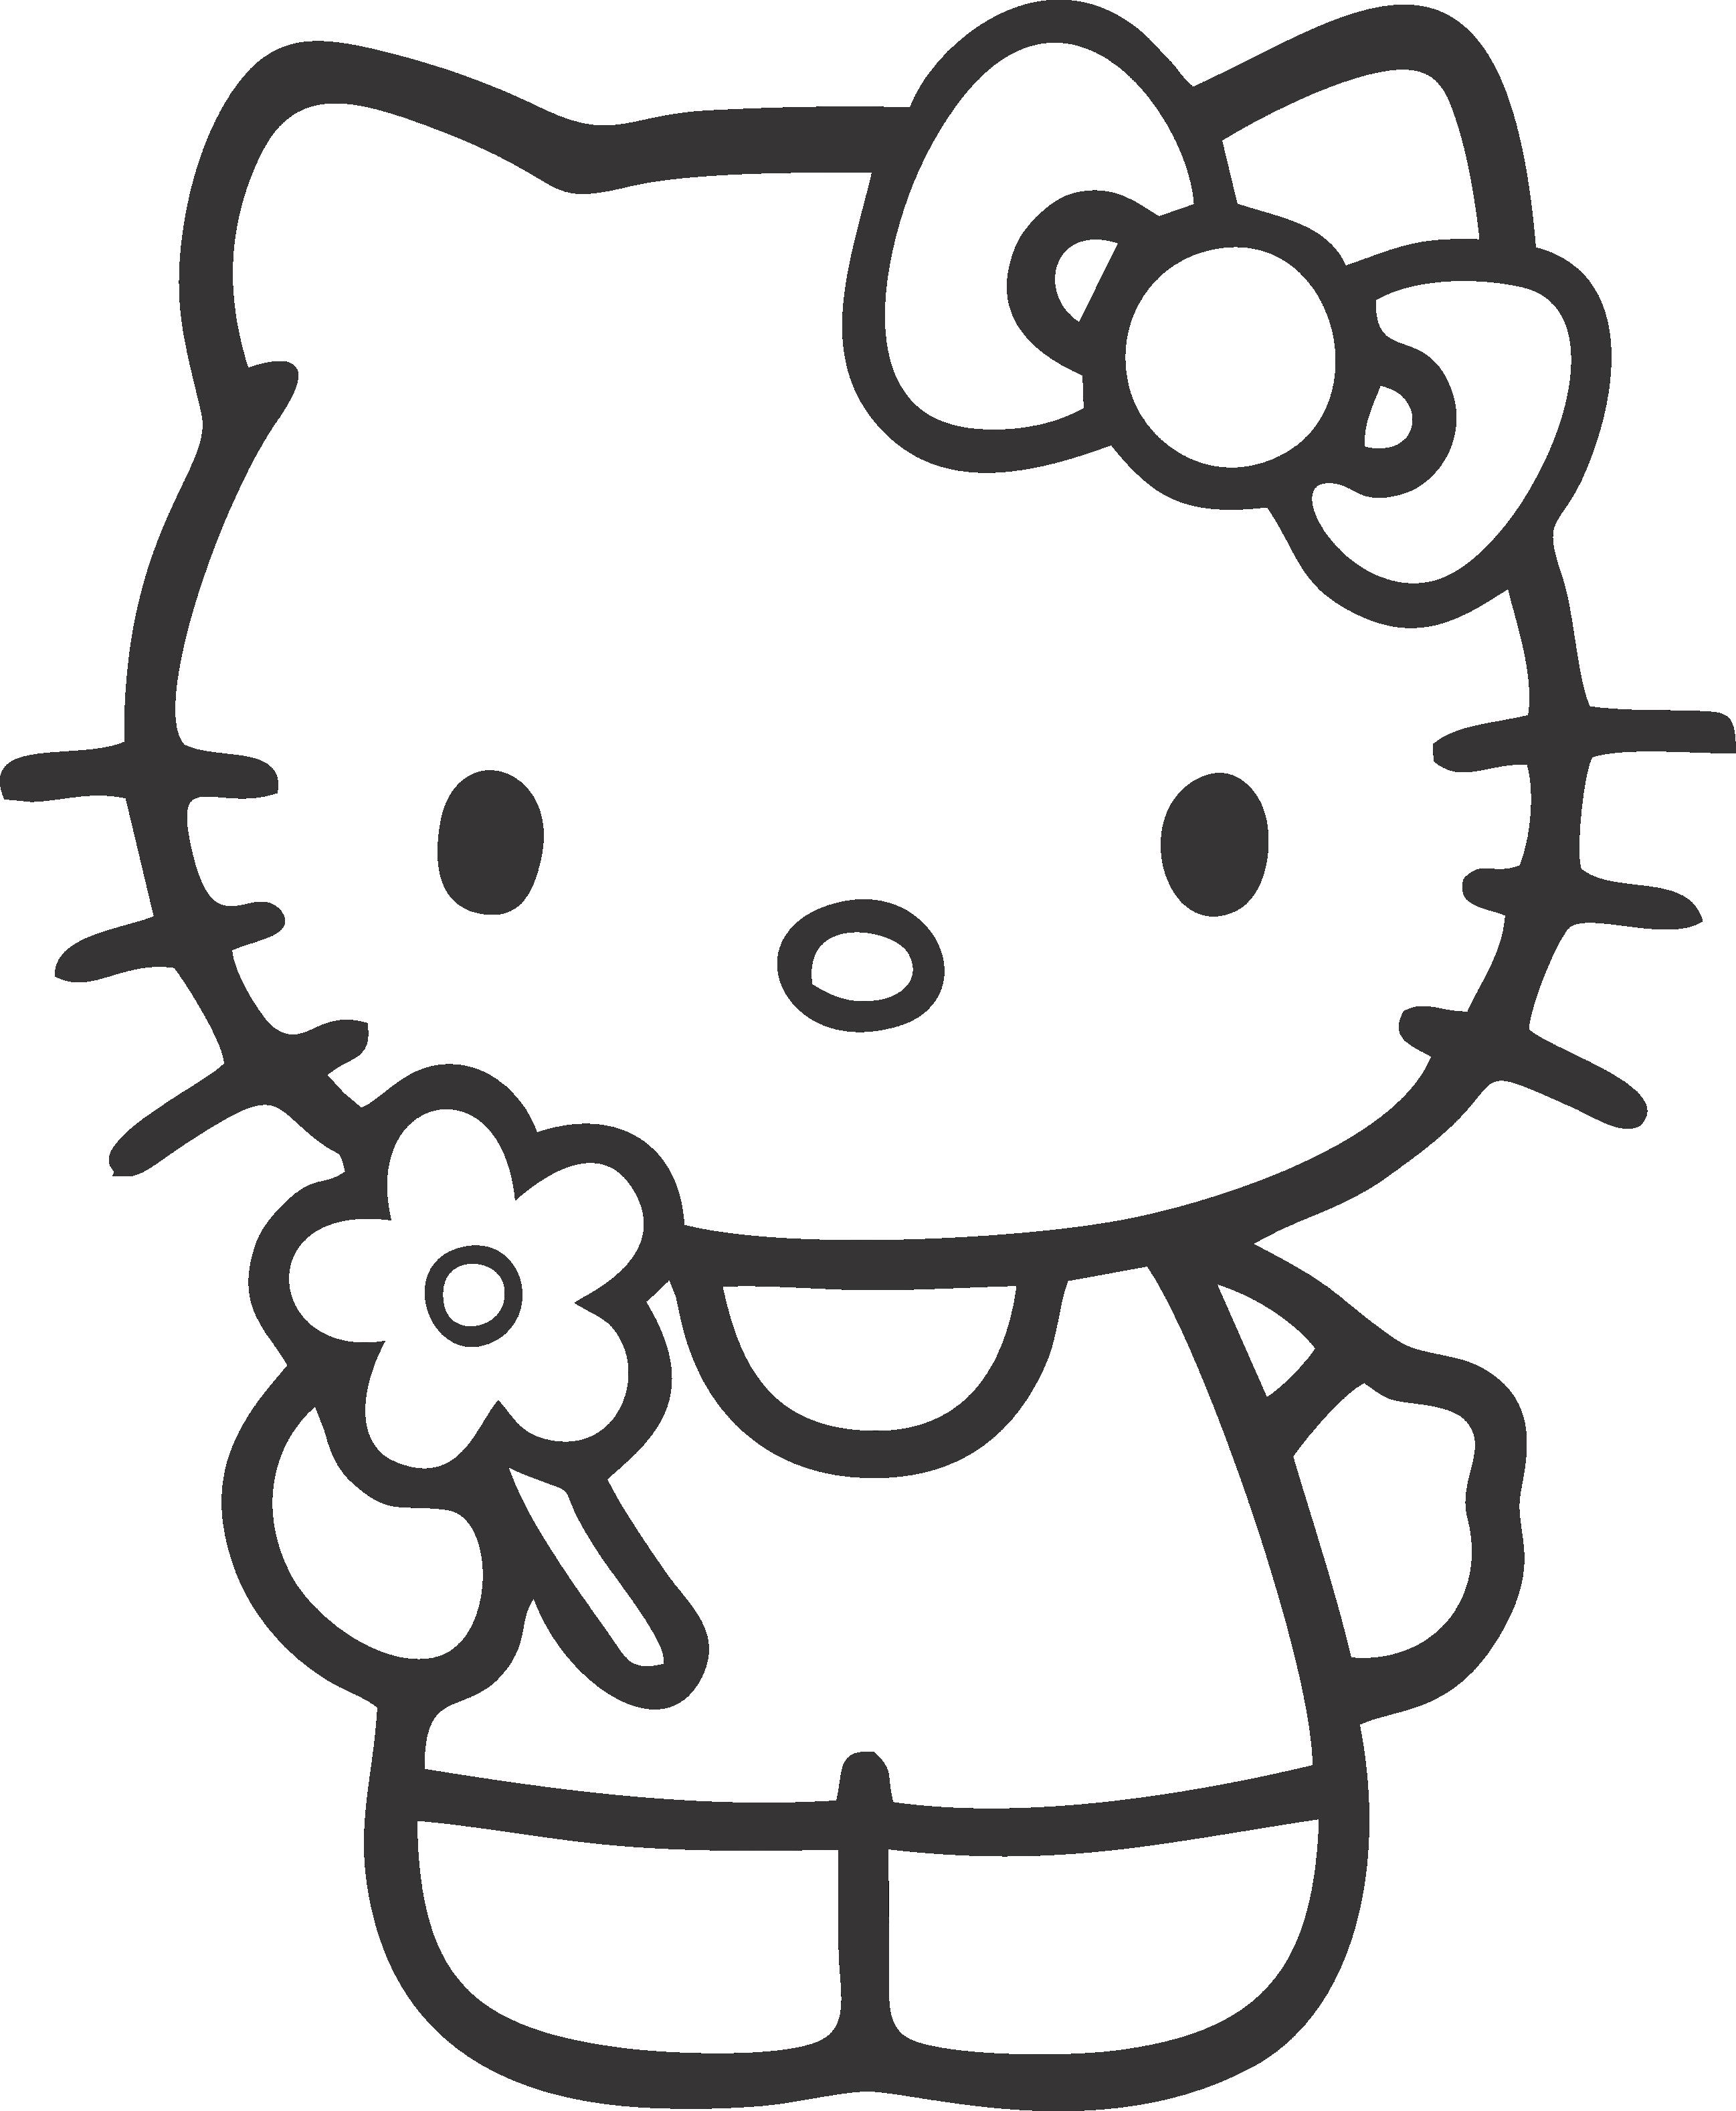 Hello Kitty 10   สมุดระบายสี, กระดาษระบายสี, การออกแบบโปสเตอร์